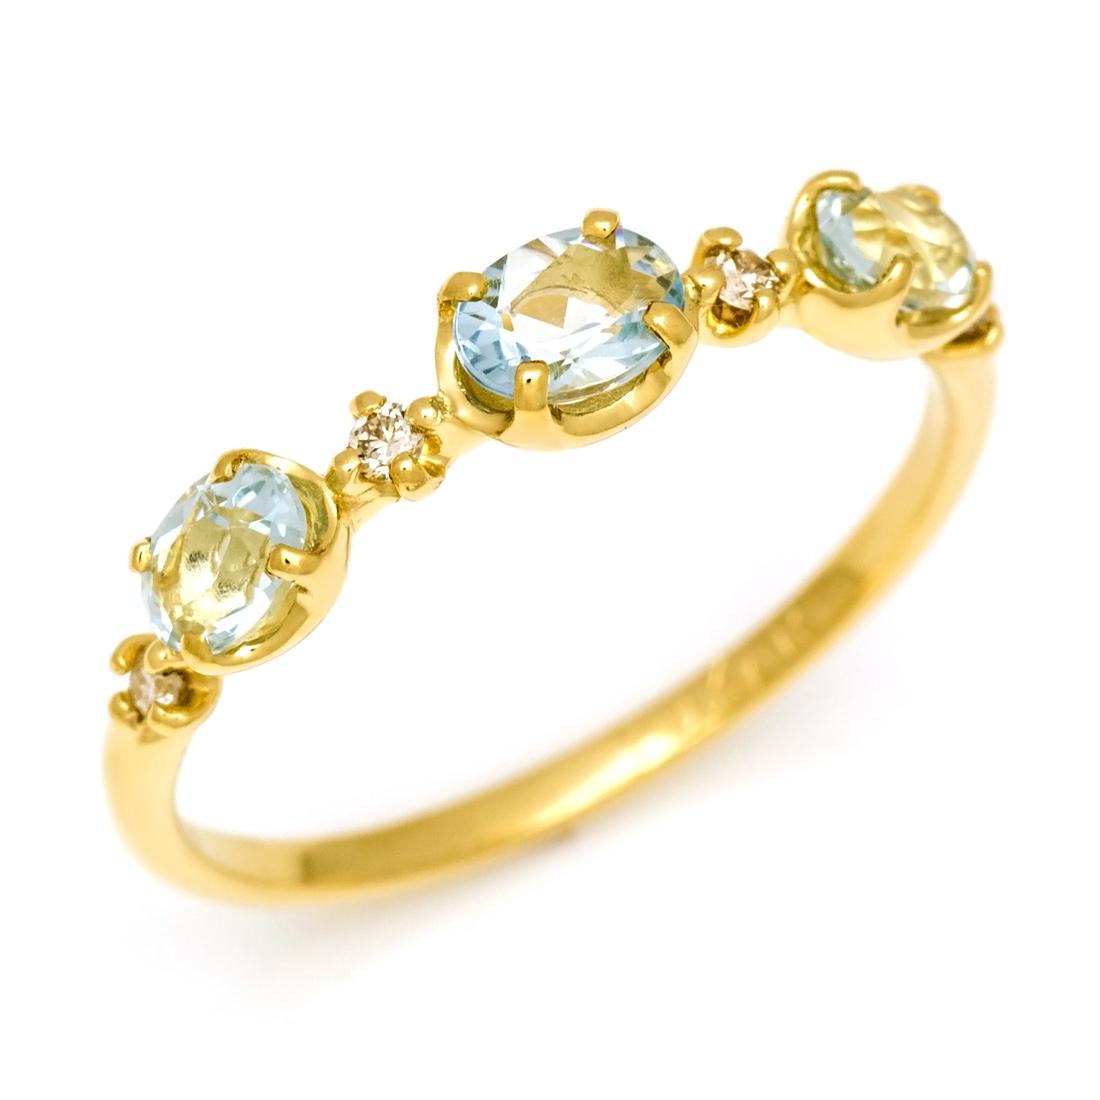 【GWクーポン配布中】K18 アクアマリン リング送料無料 指輪 ゴールド 18K 18金 アクワマリン ダイアモンド 誕生日 3月誕生石 刻印 文字入れ メッセージ ギフト 贈り物 ピンキーリング対応可能